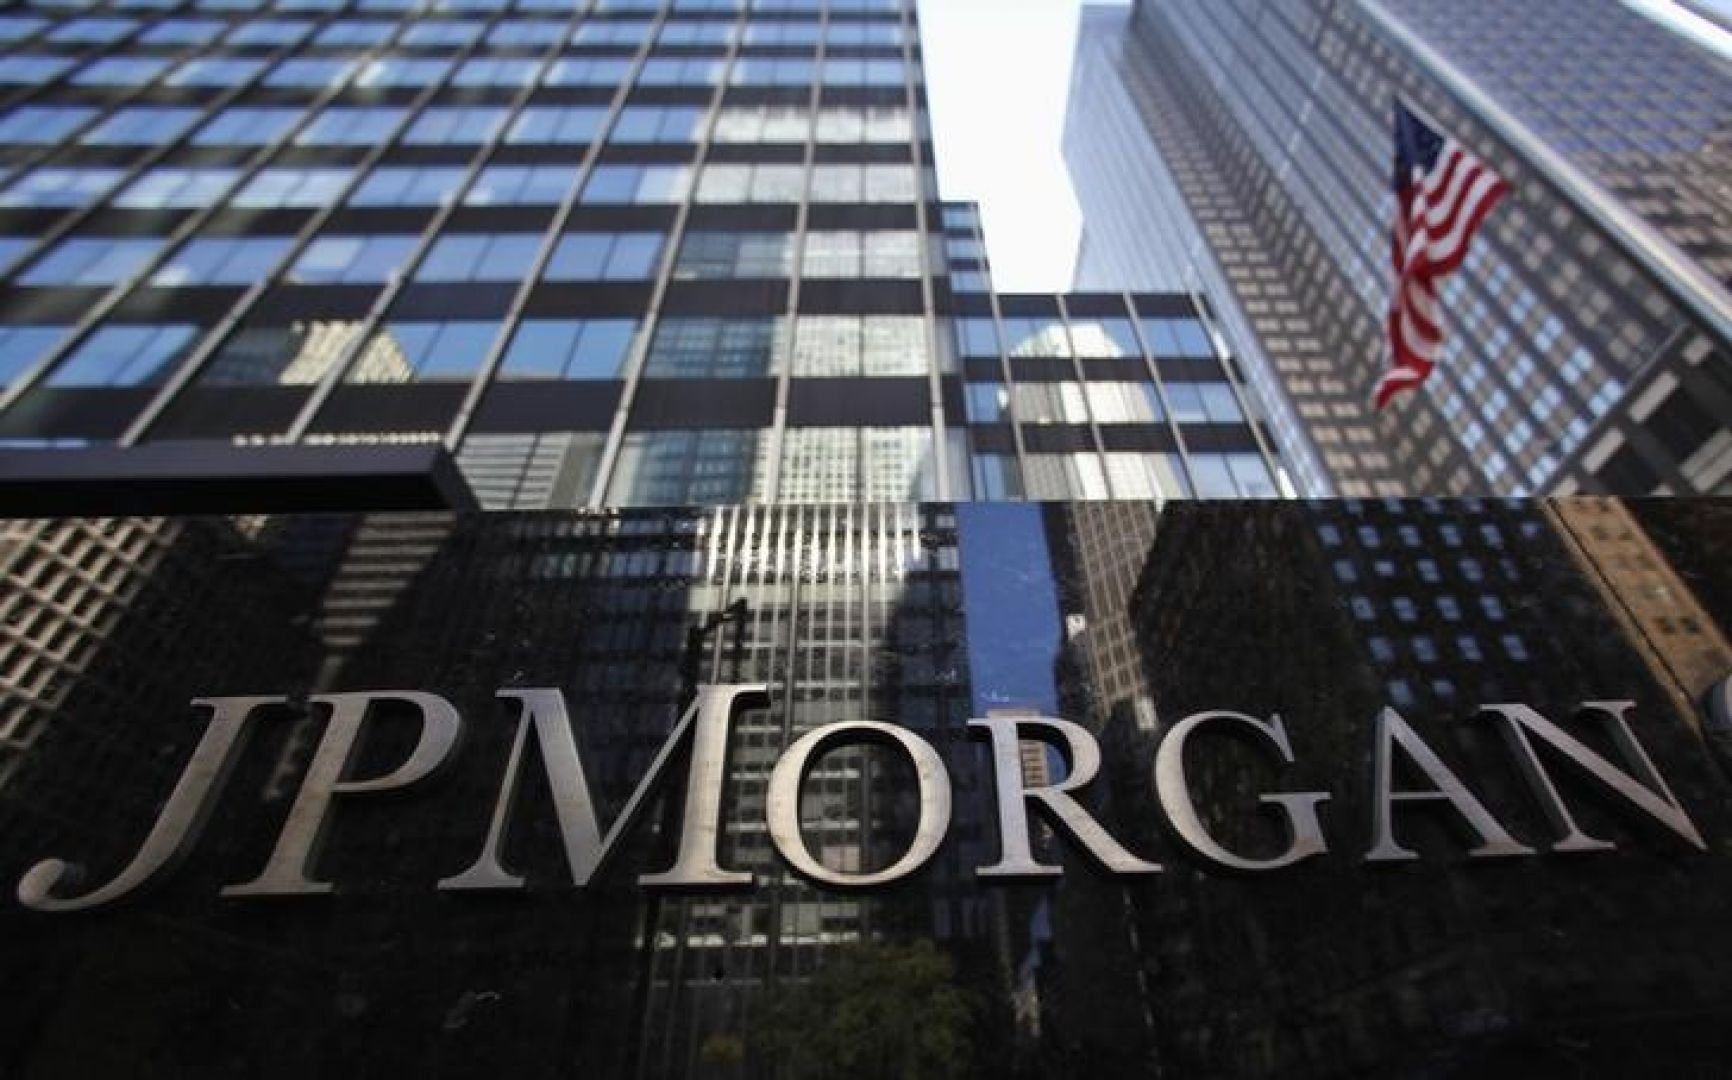 J.P. Morgan Chase & Co